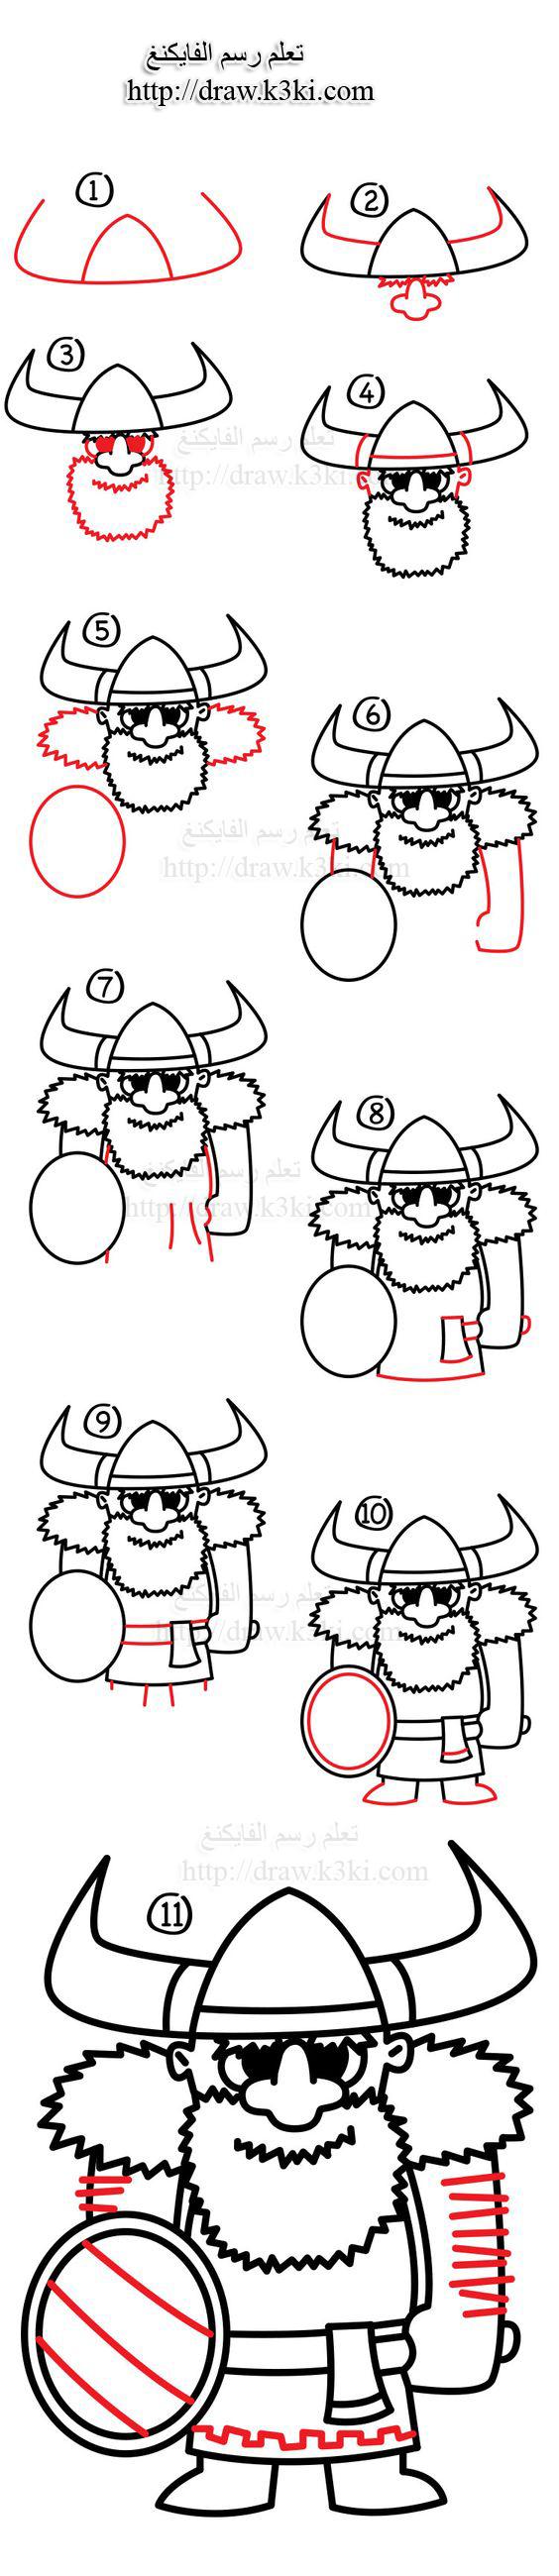 تعلم رسم الفايكنغ